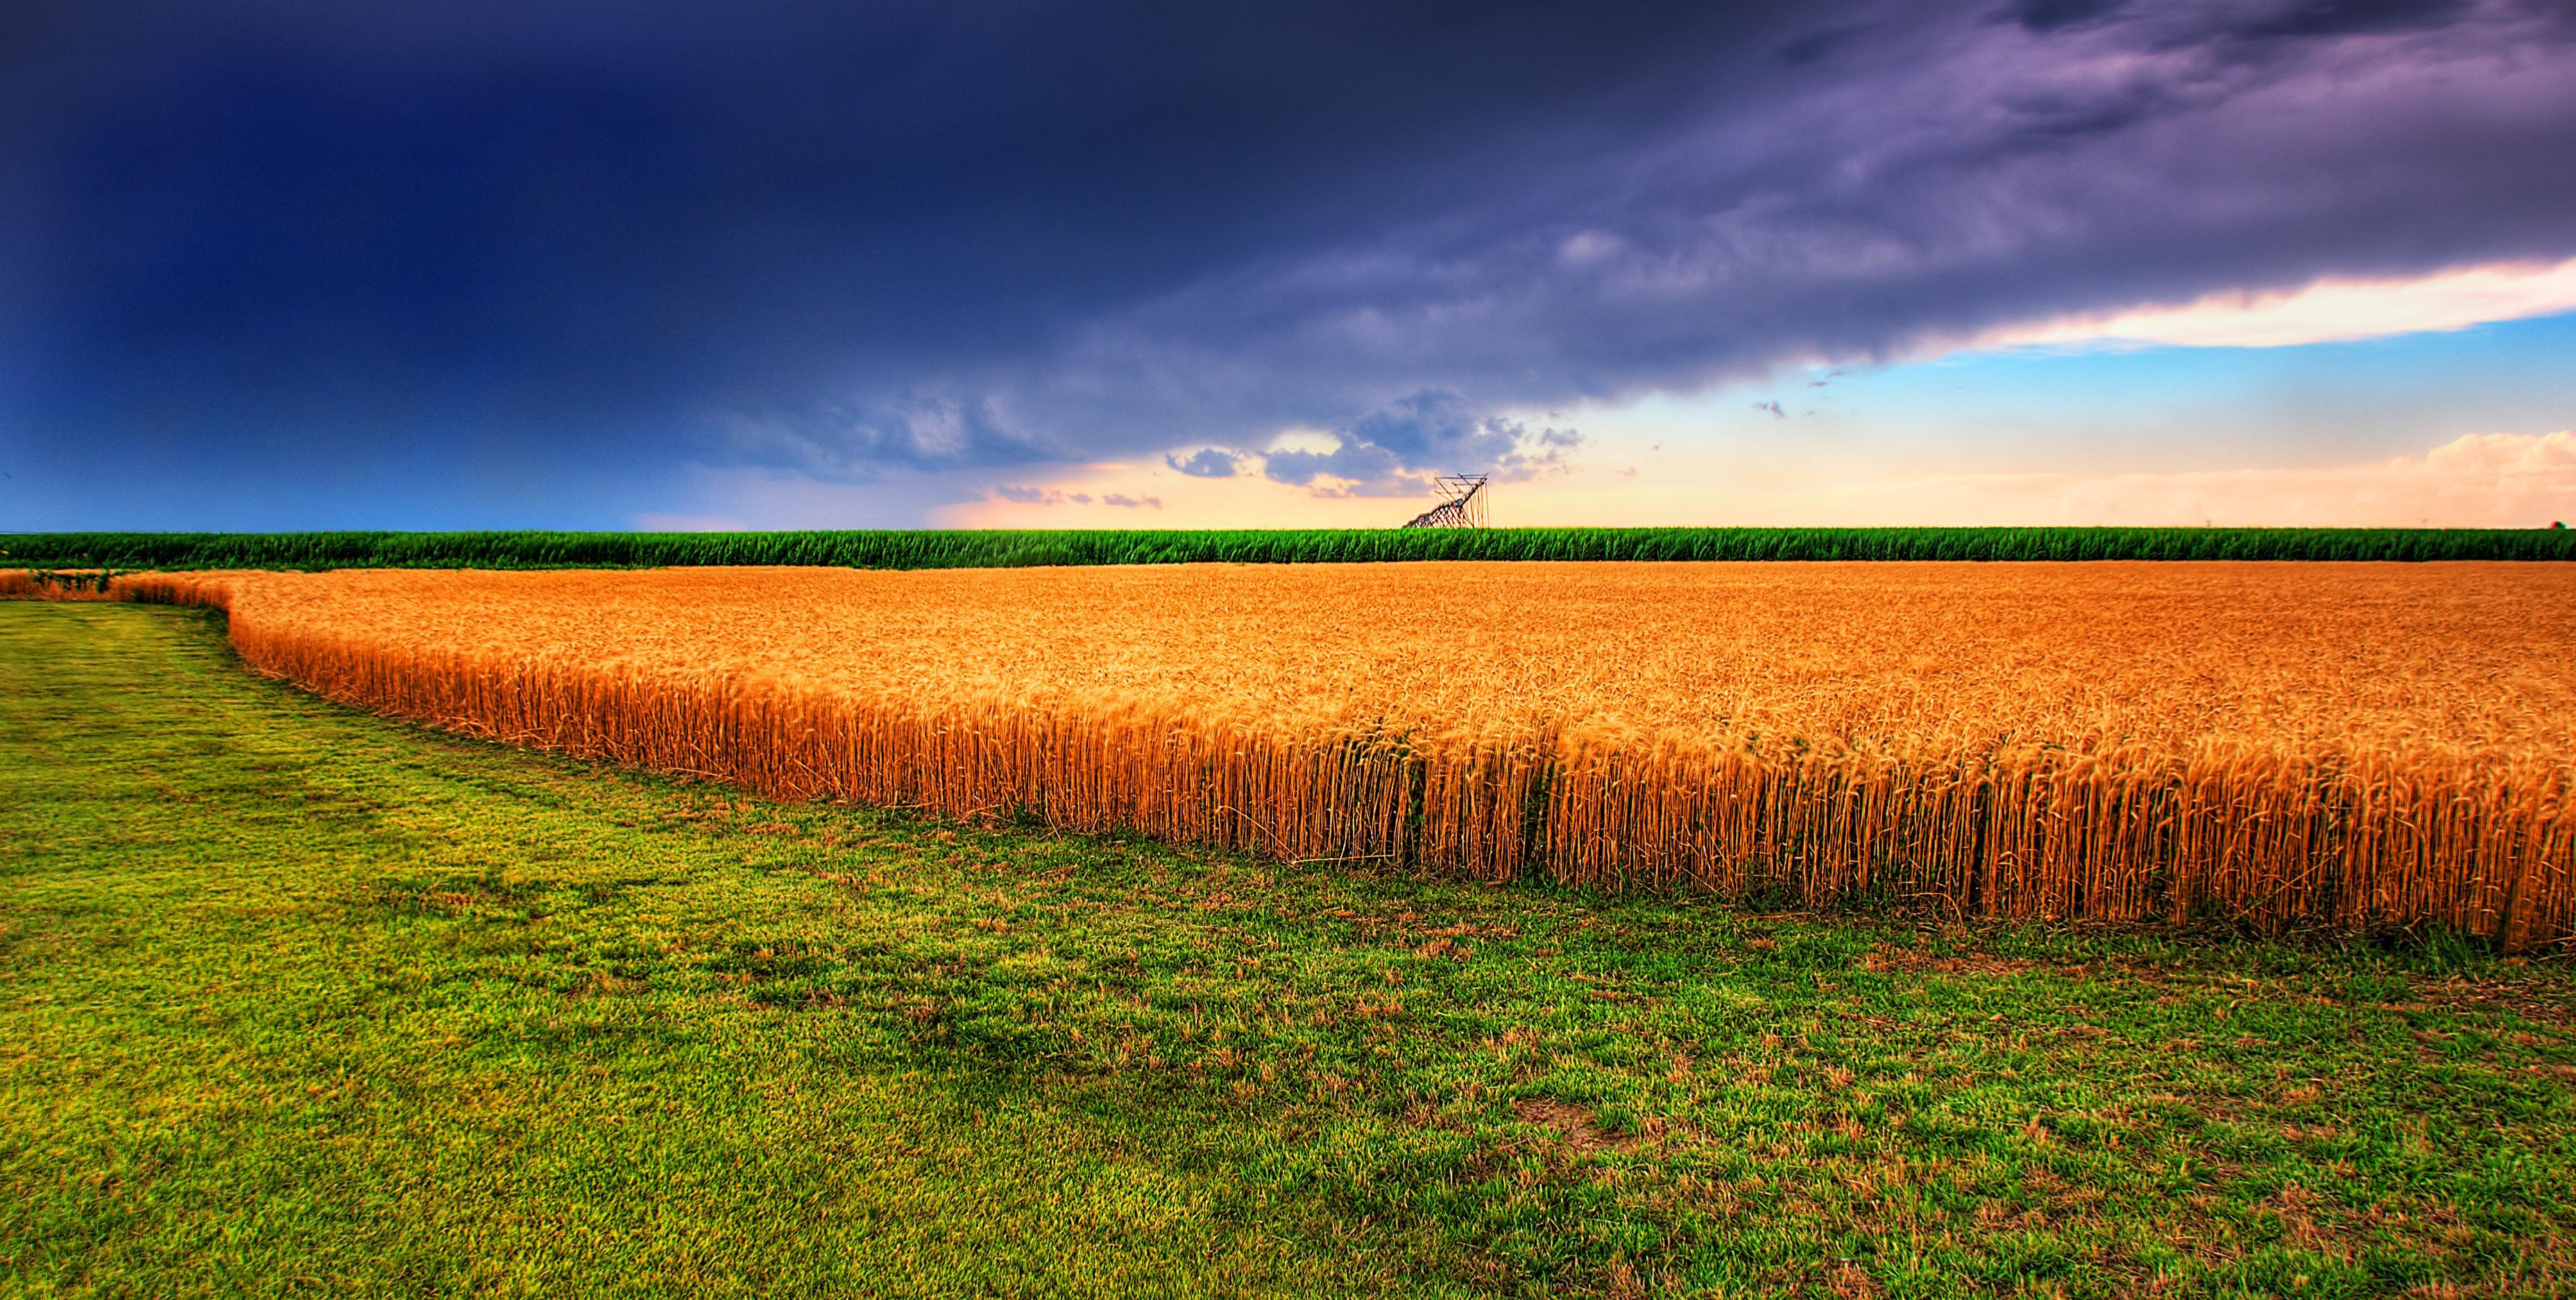 wheat field under dark blue storm clouds